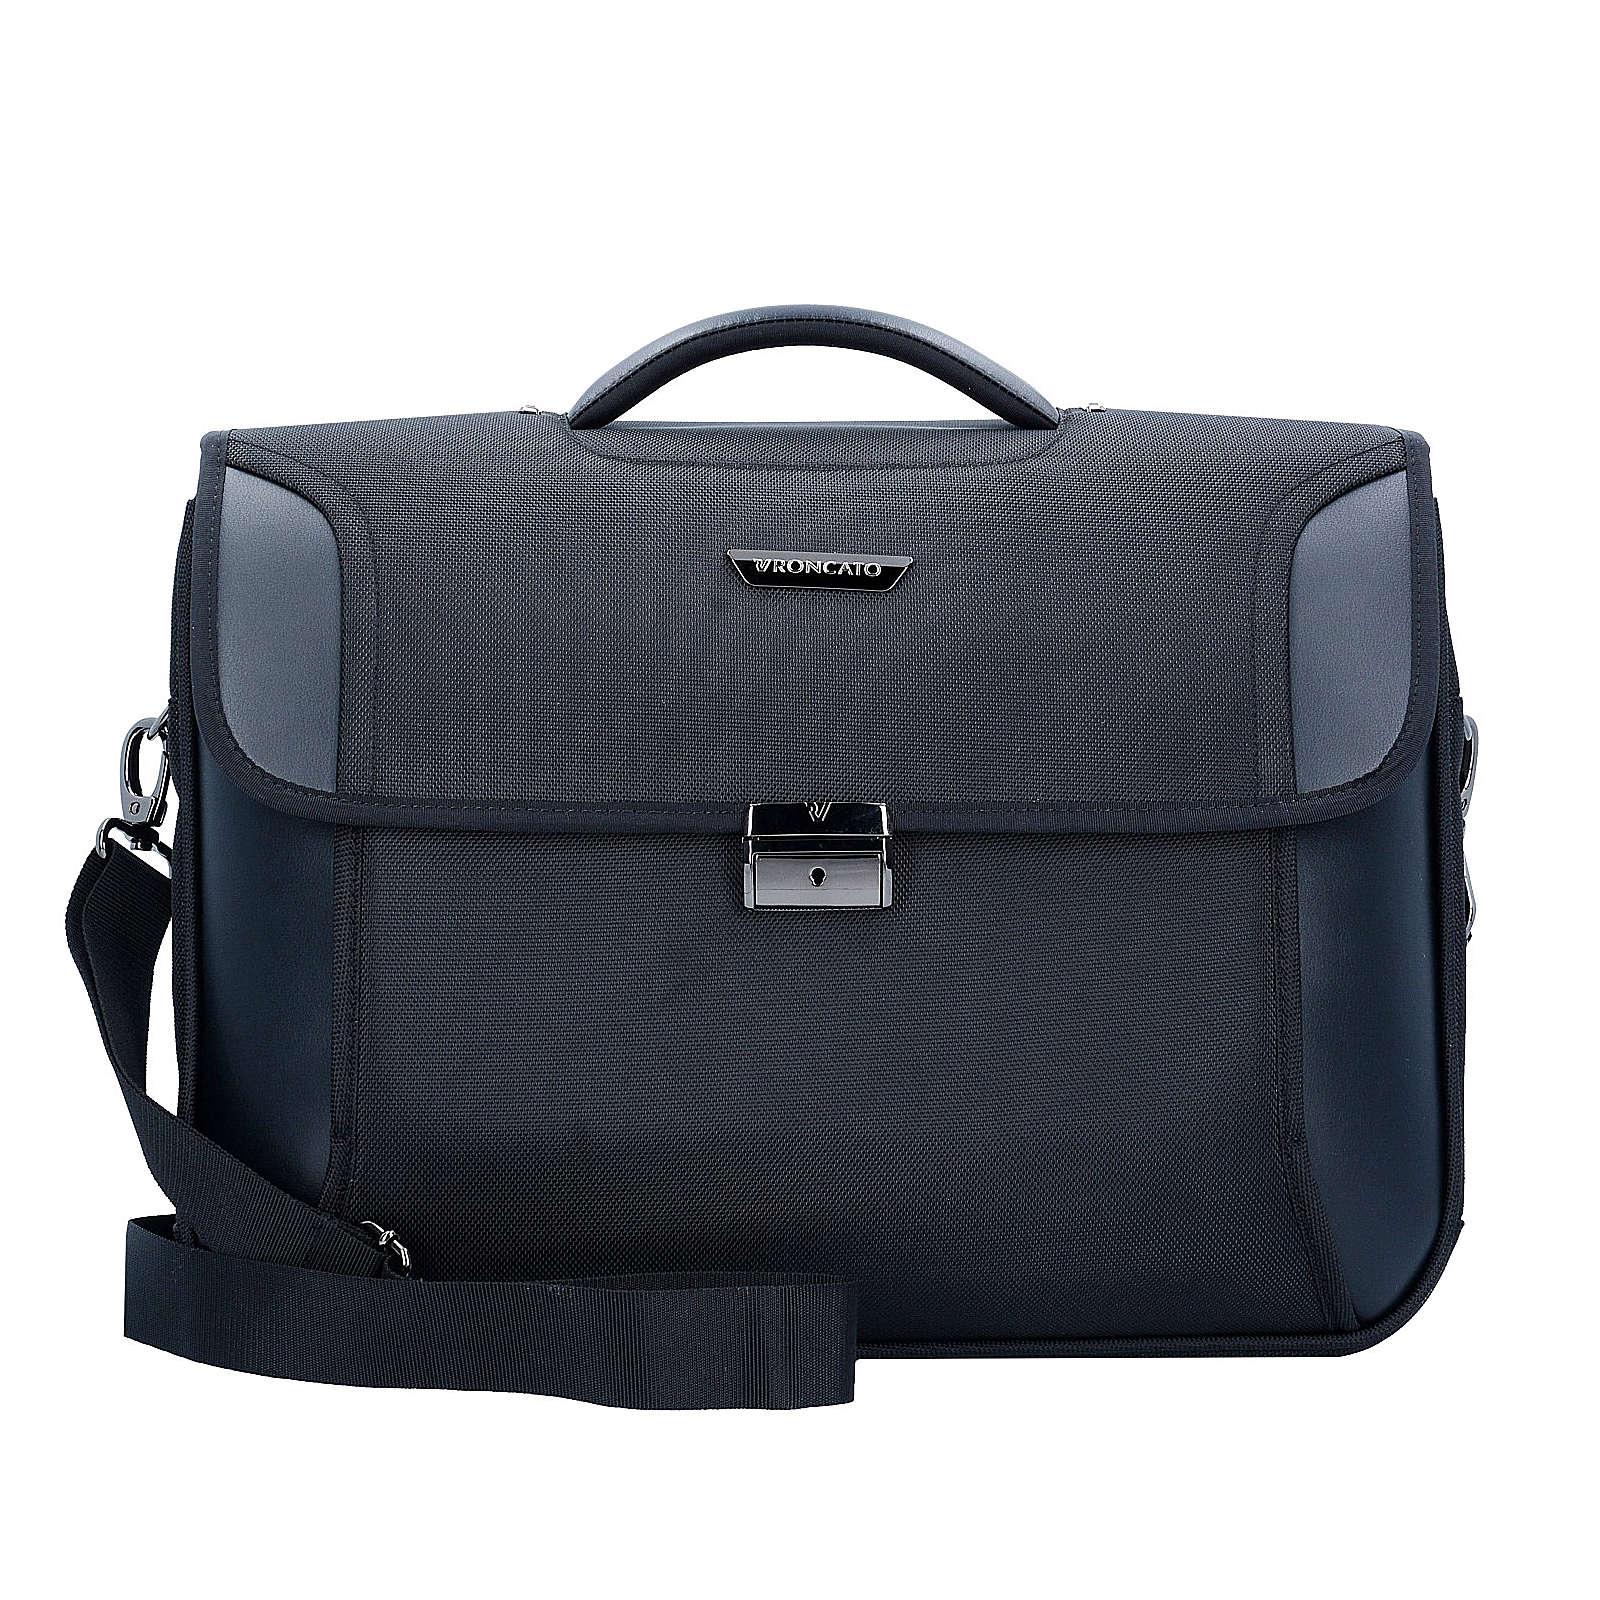 Roncato Biz 2.0 Business Tasche Laptopfach 41 c...